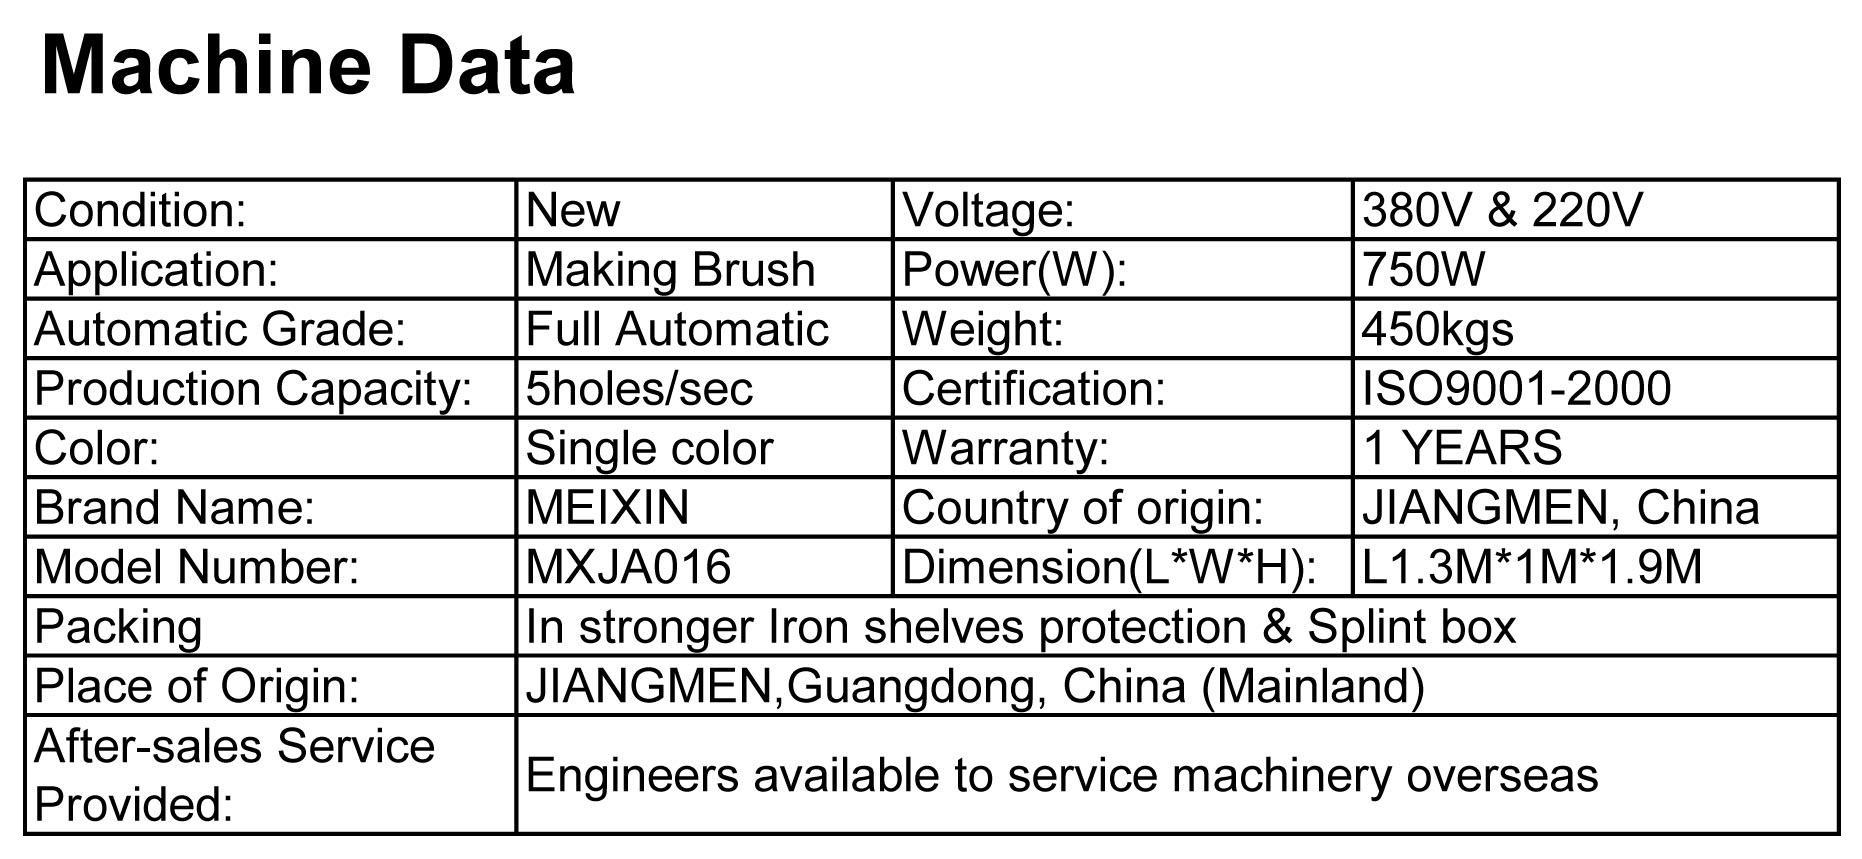 Meixin-Facial Brush Machine | Large Roller Brush Machine - Meixin Comb Brush